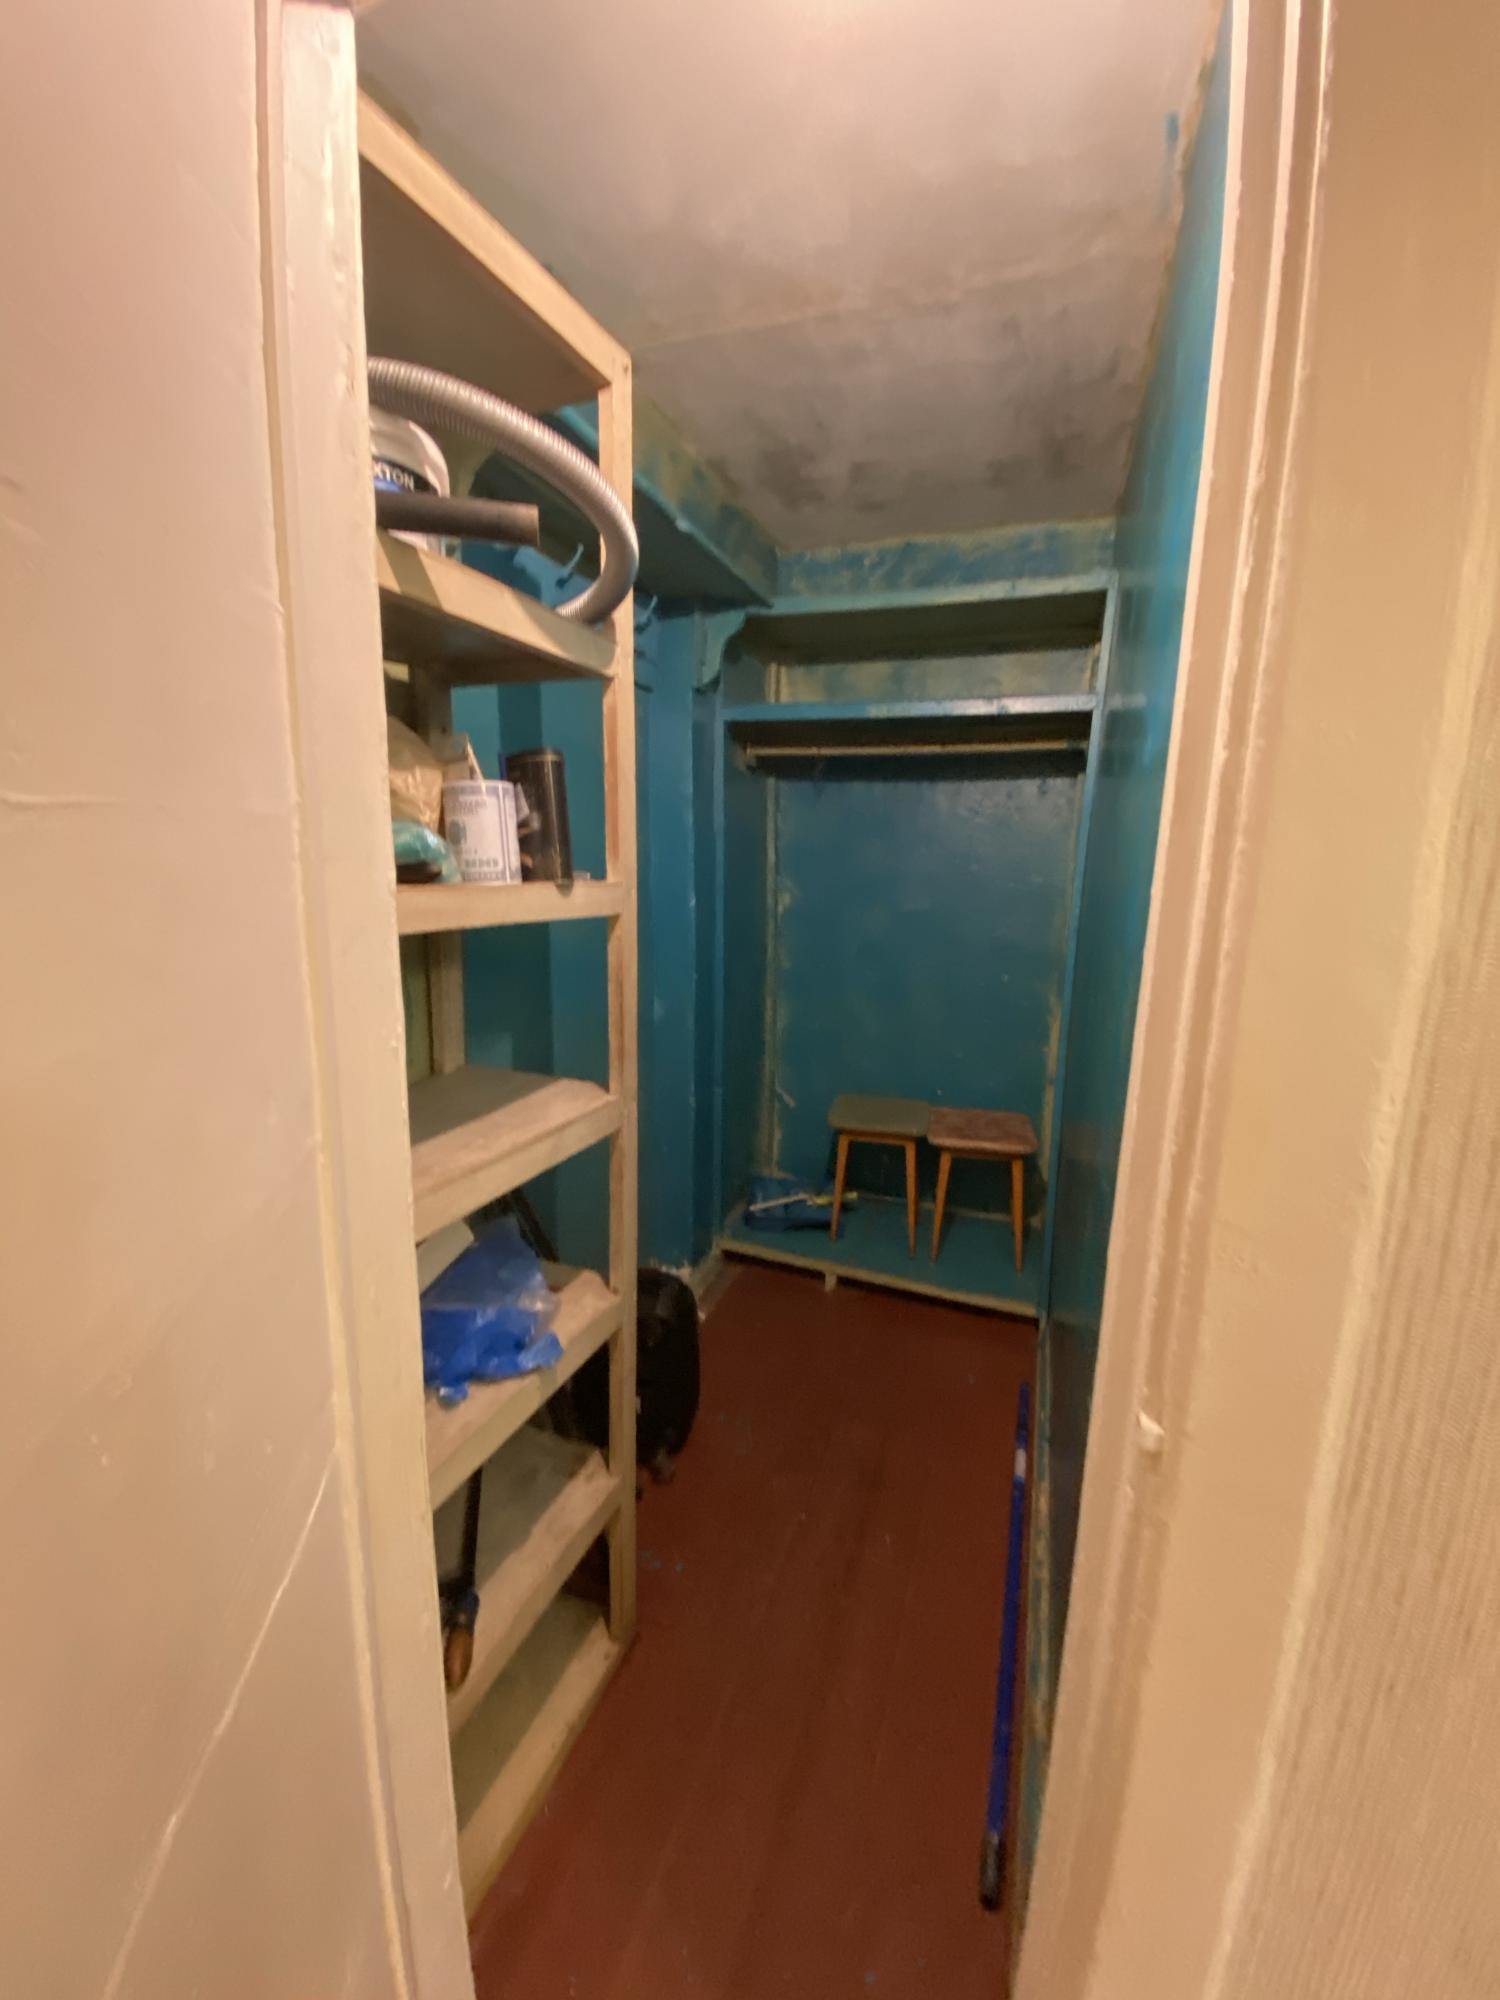 Квартира, 2 комнаты, 45 м² в Москве 89258557885 купить 9